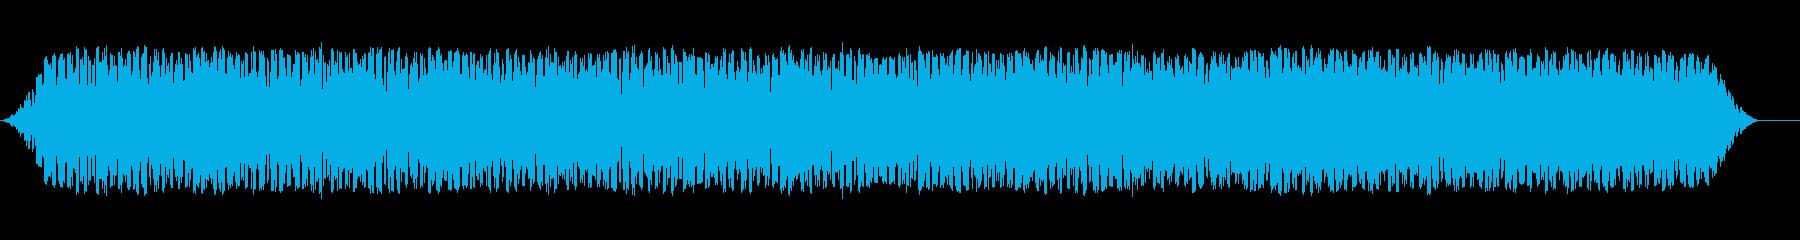 ネオンドローン3の再生済みの波形